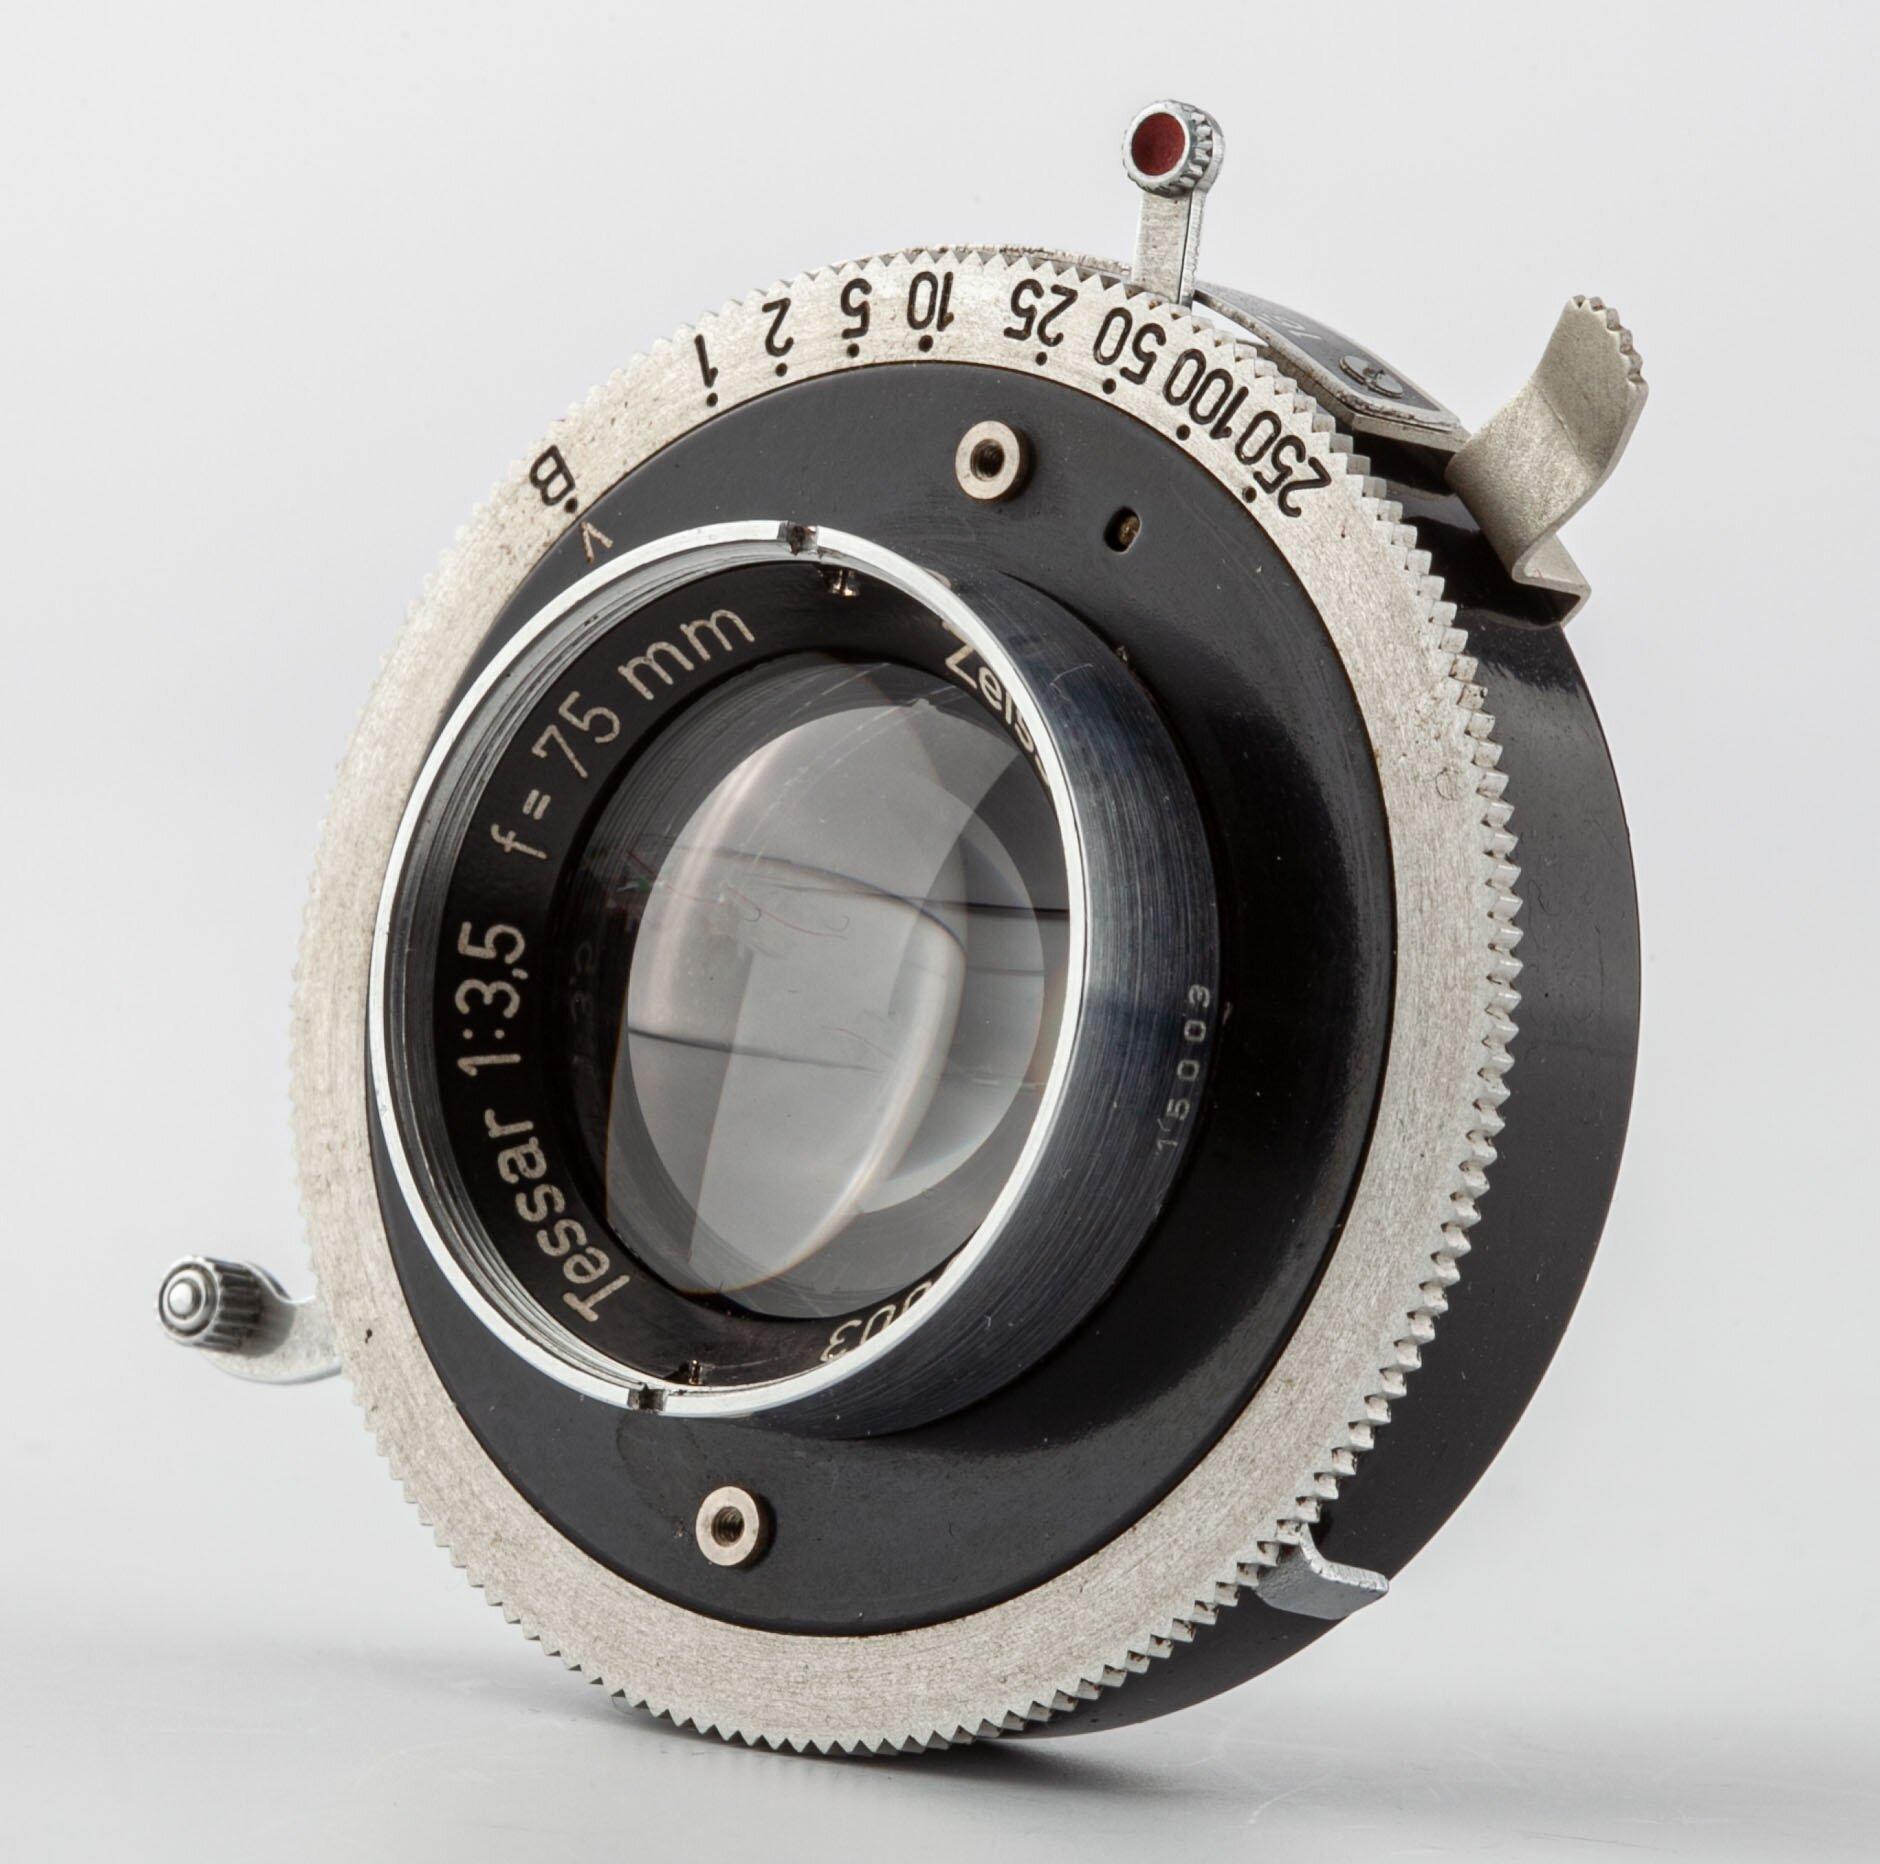 Zeiss-Opton Tessar 3,5/75mm